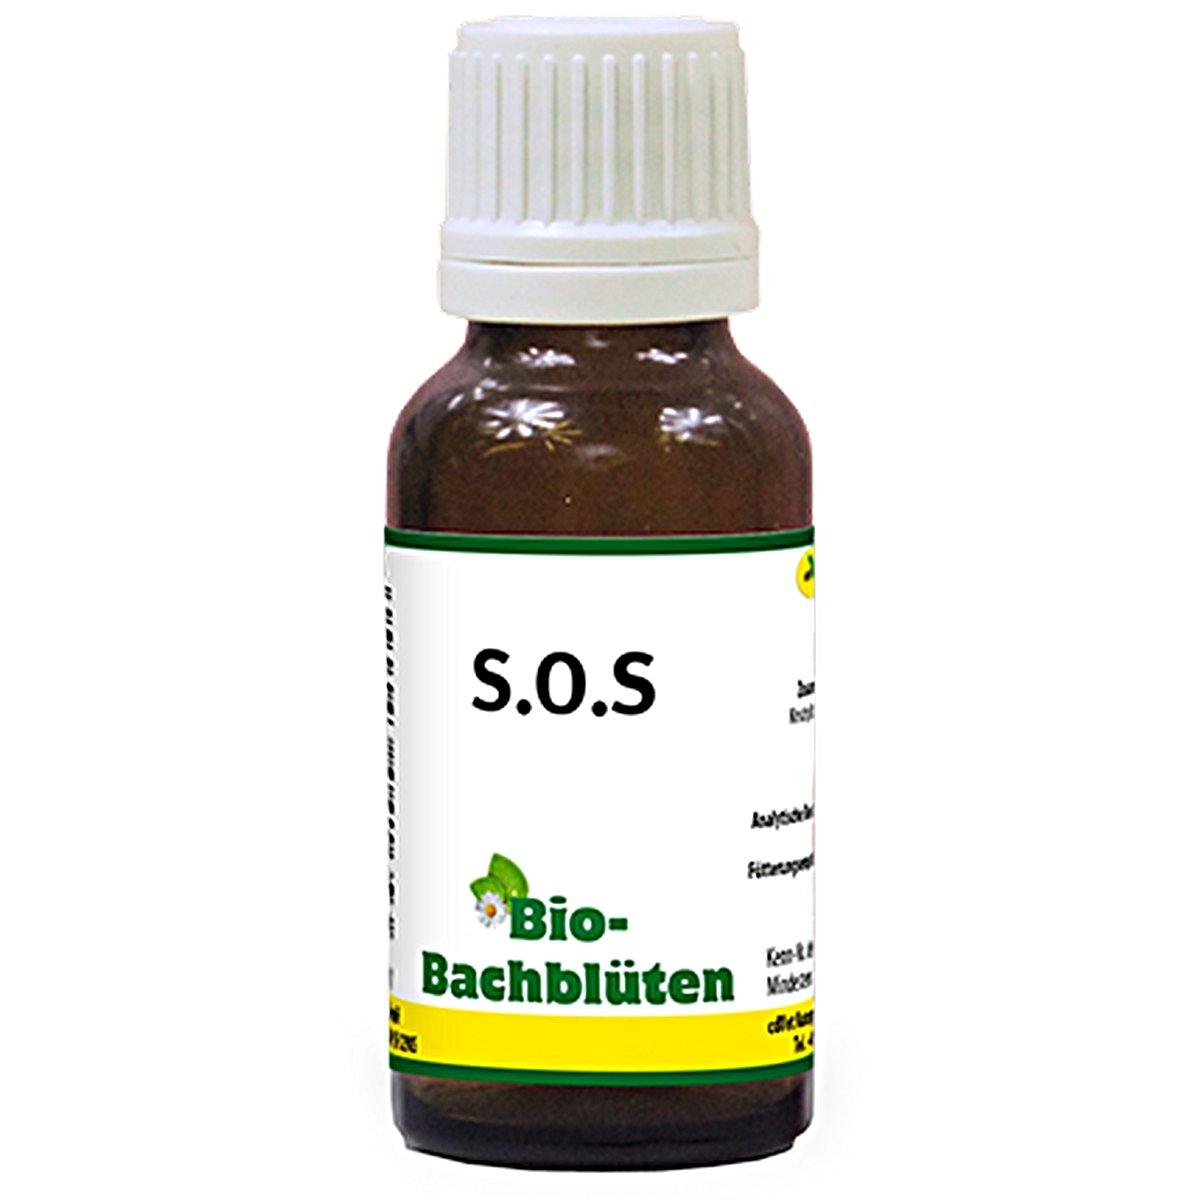 Afbeelding van cdVet Bio Bachbloesem S.O.S 20ml